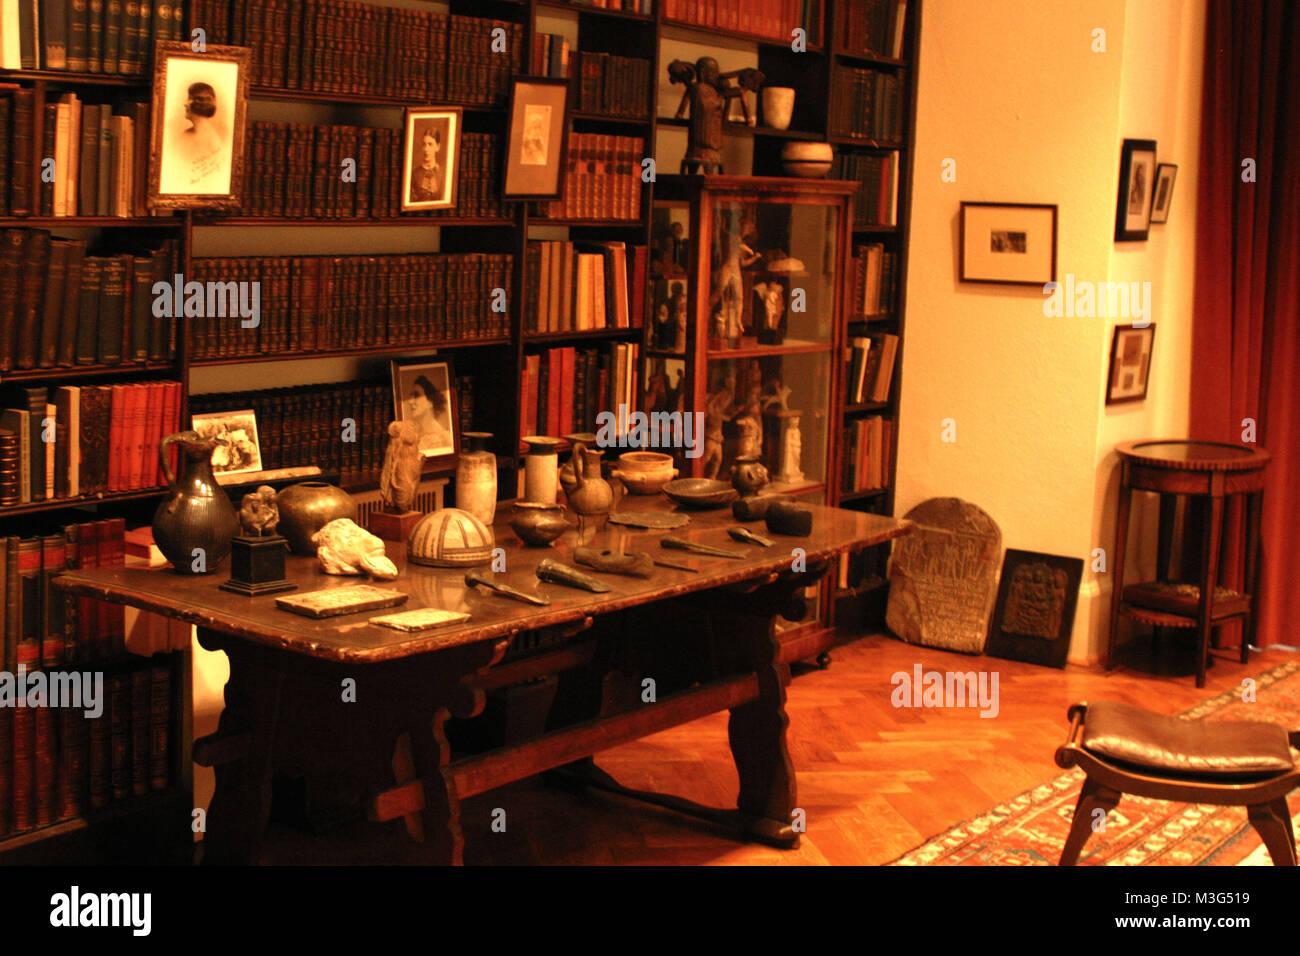 Das Haus von Sigmund Freud & Anna Freud in London - Stock Image